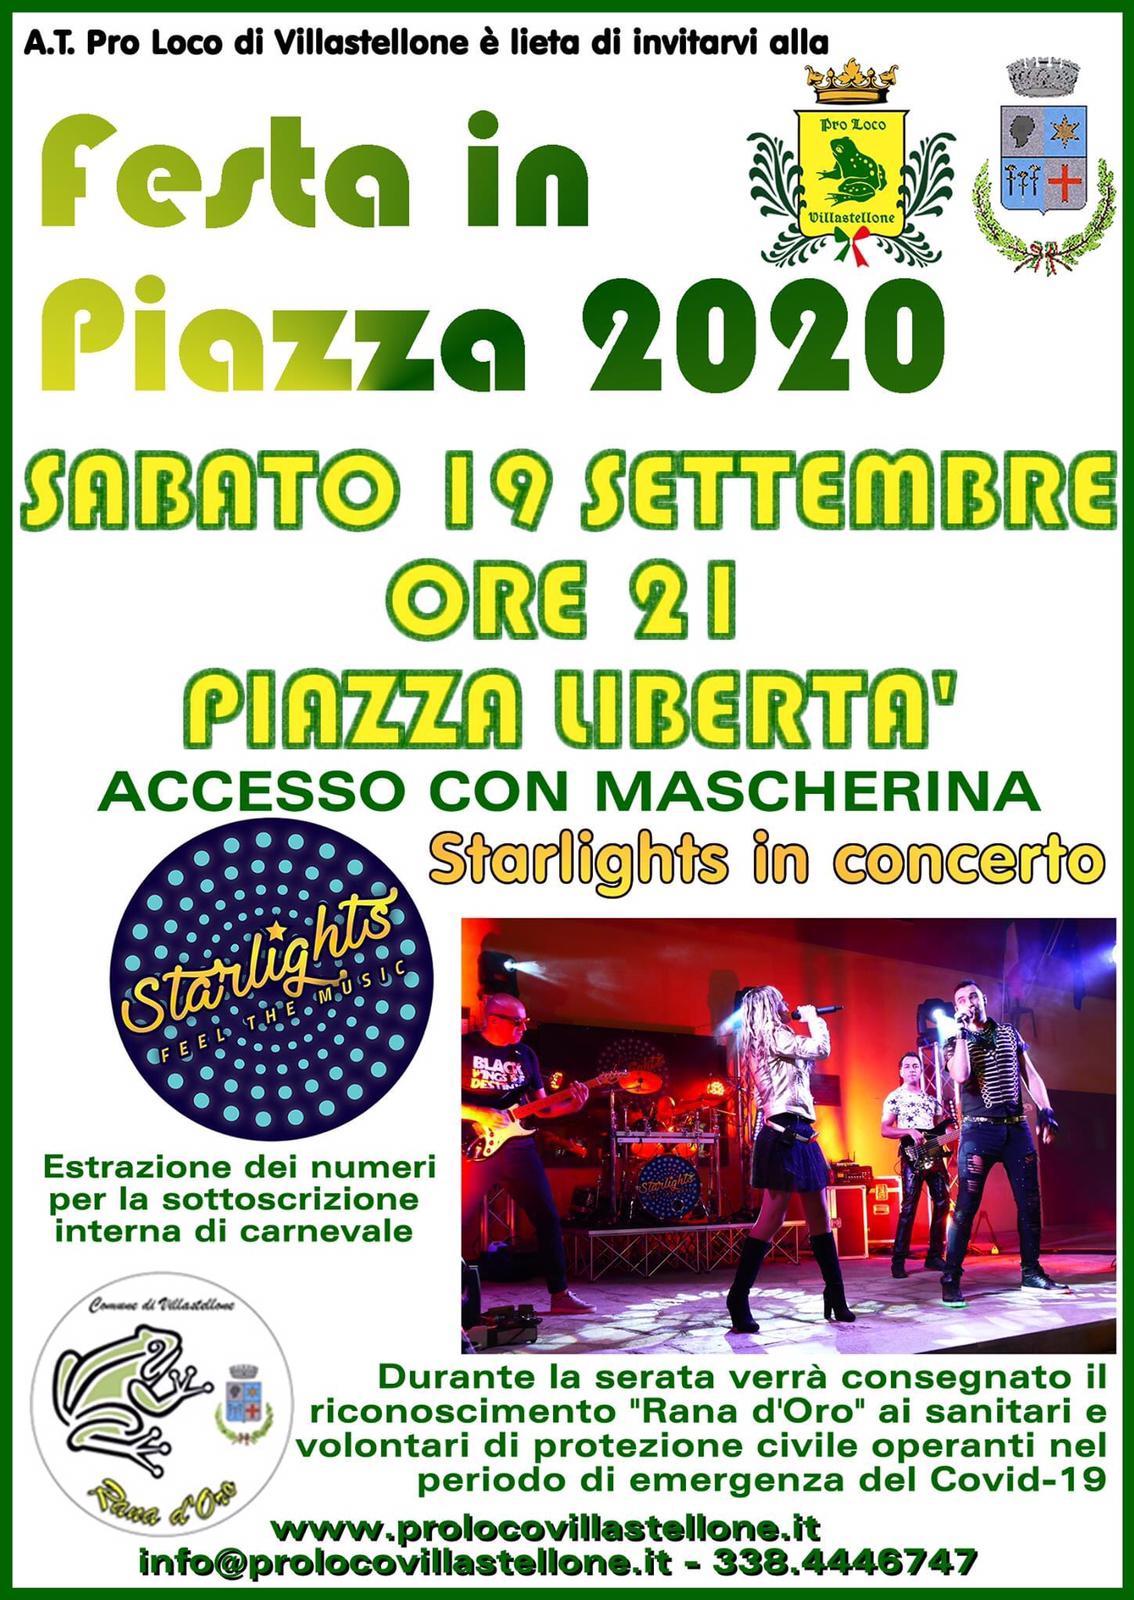 Festa in piazza 2020